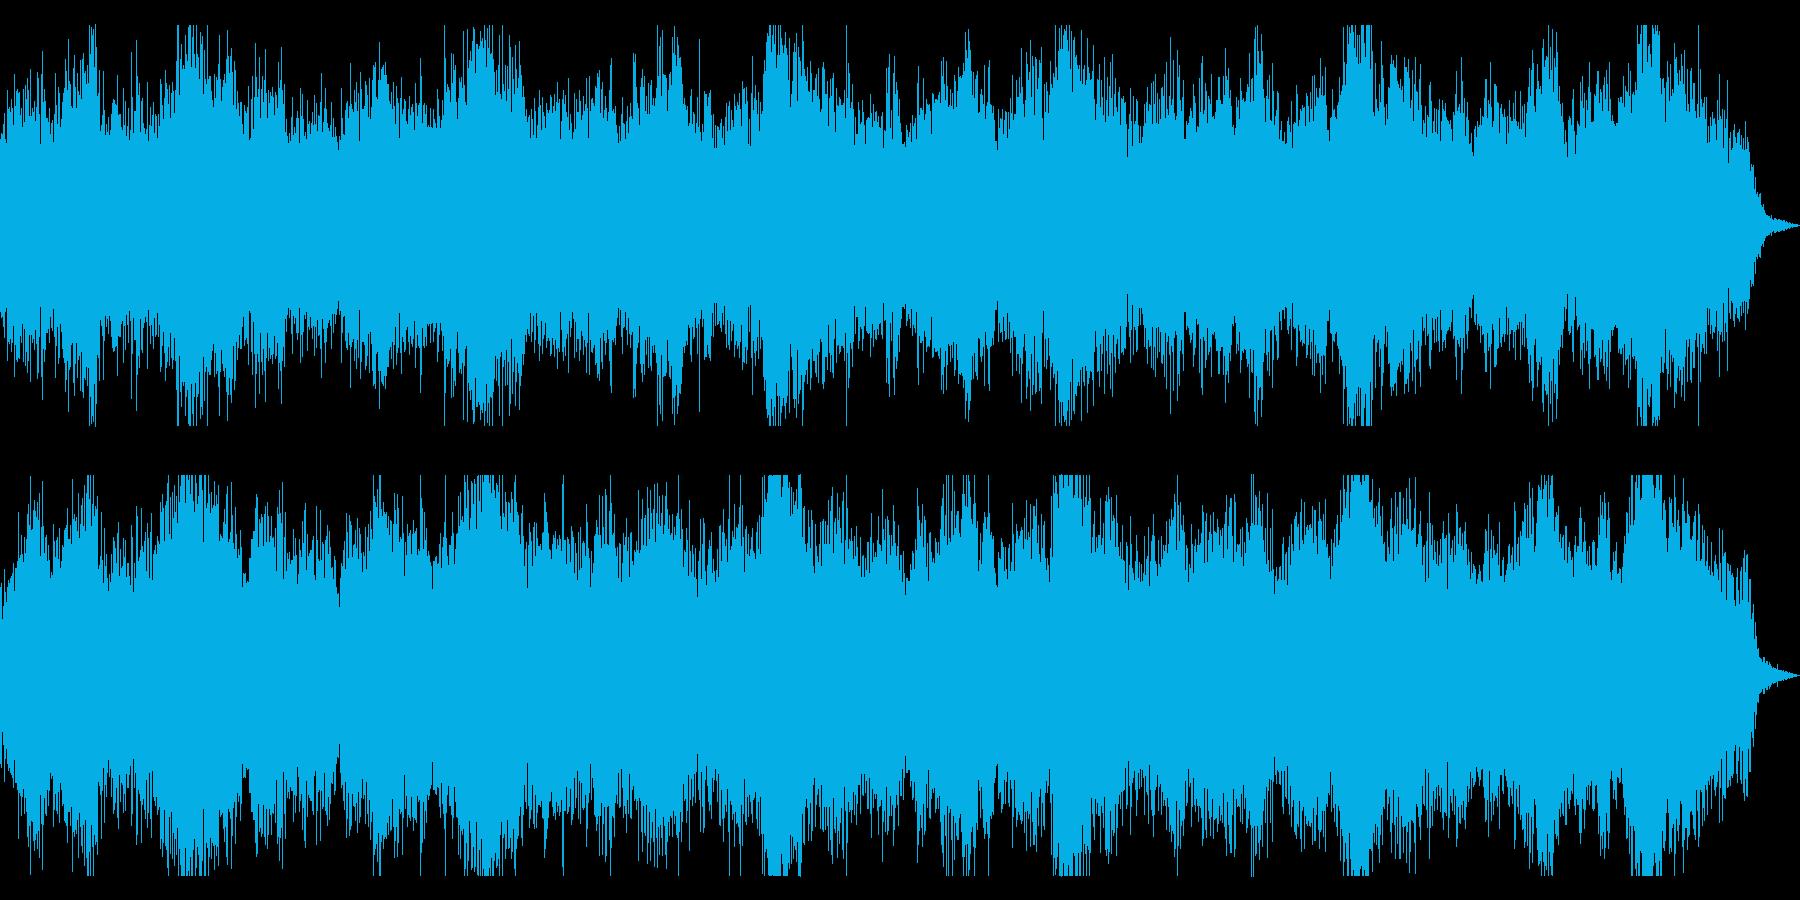 恐怖感、緊迫感を演出するダークなBGMの再生済みの波形